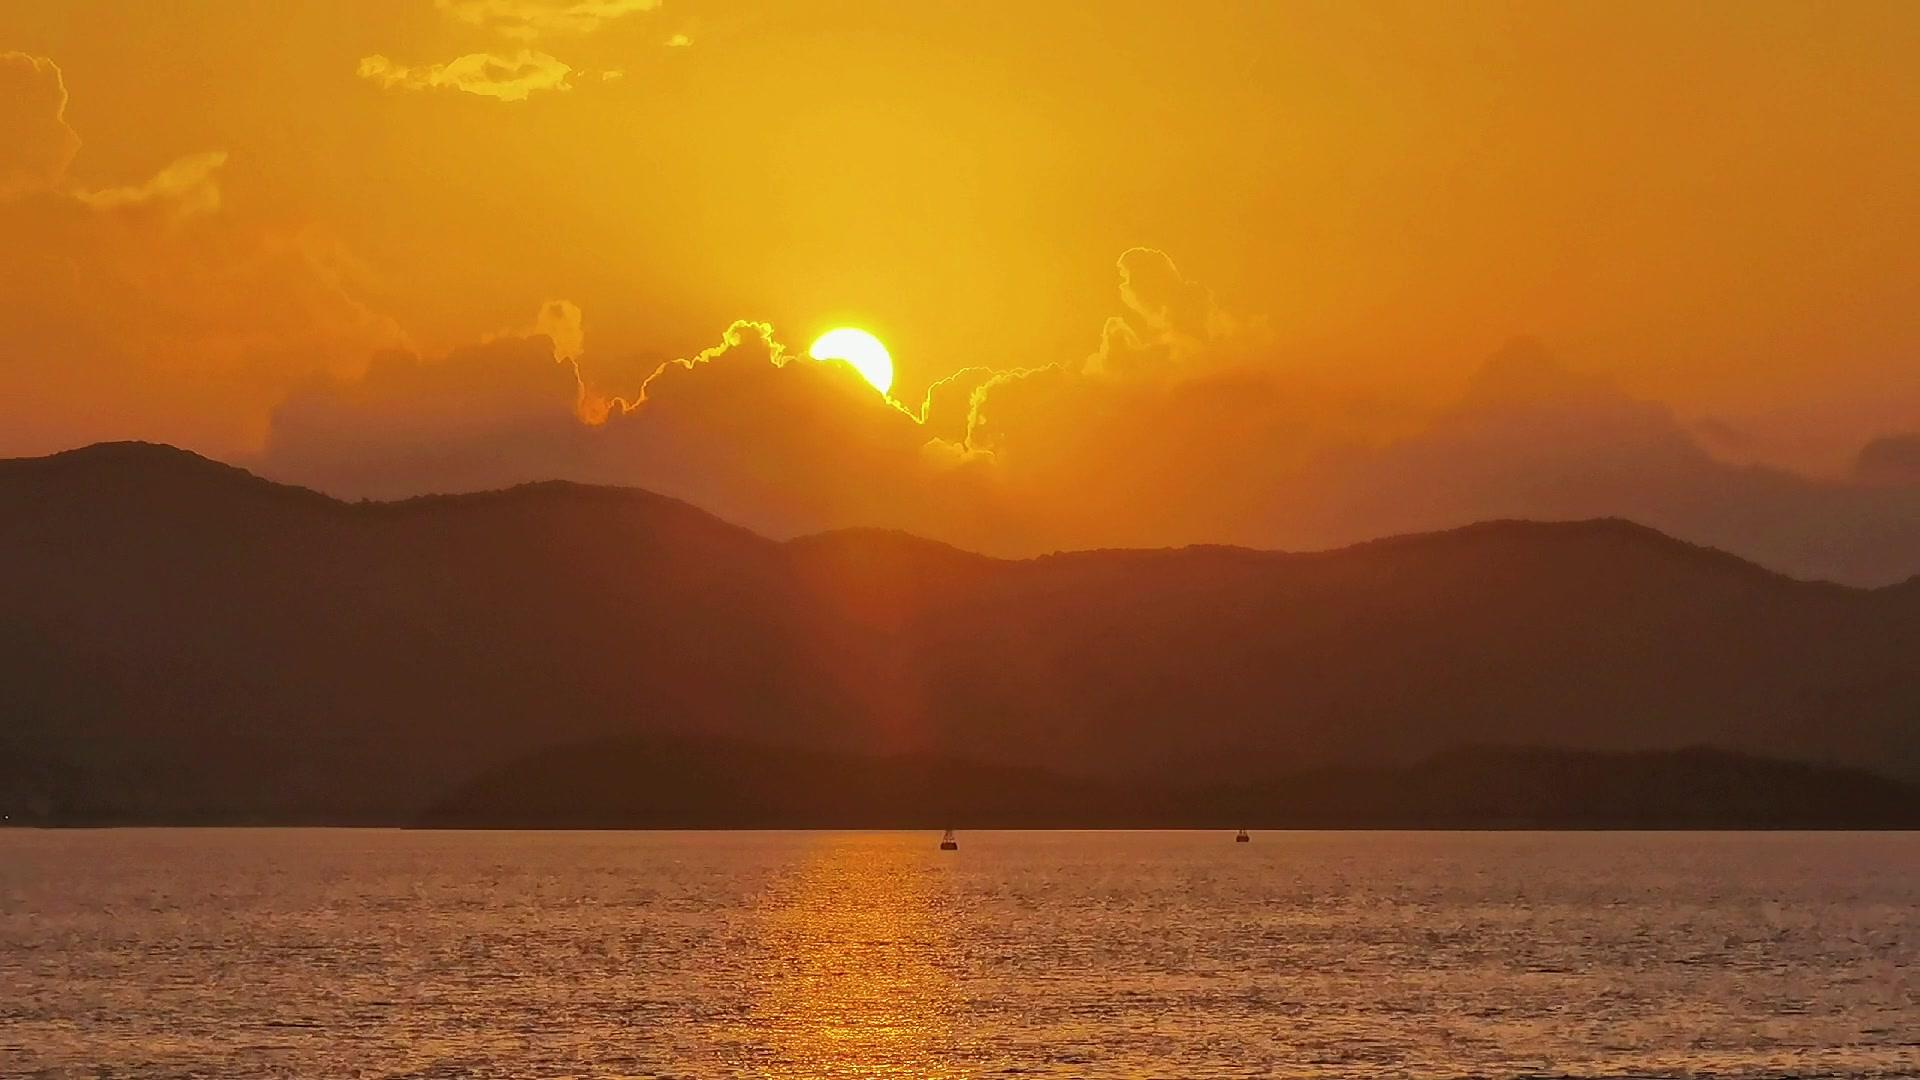 五倍长焦拍摄的海岛日出,爱摄影-荣耀俱乐部